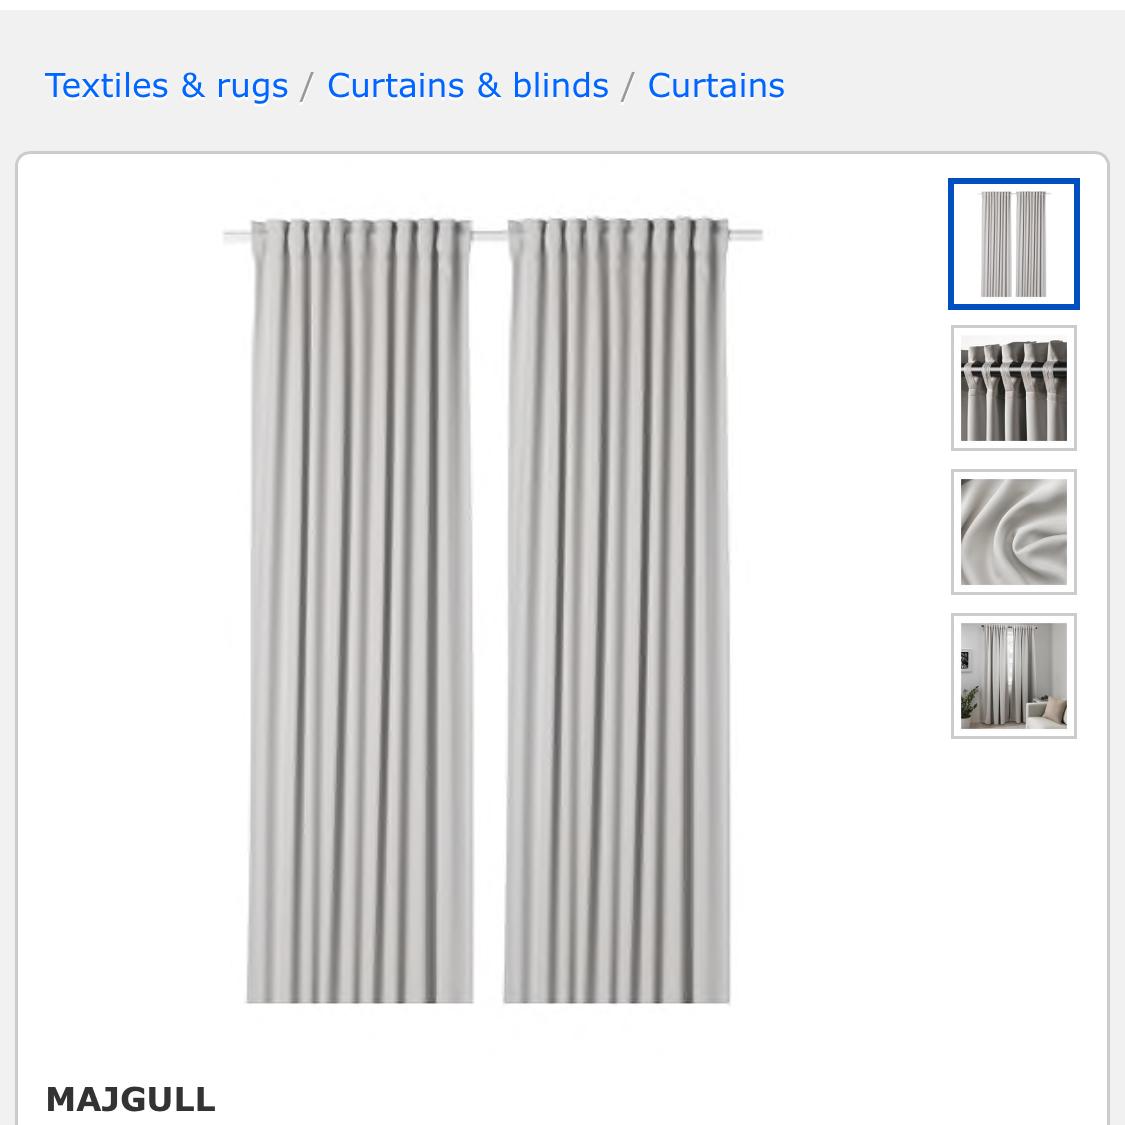 Majgull Panels: IKEA.com 34.99 -